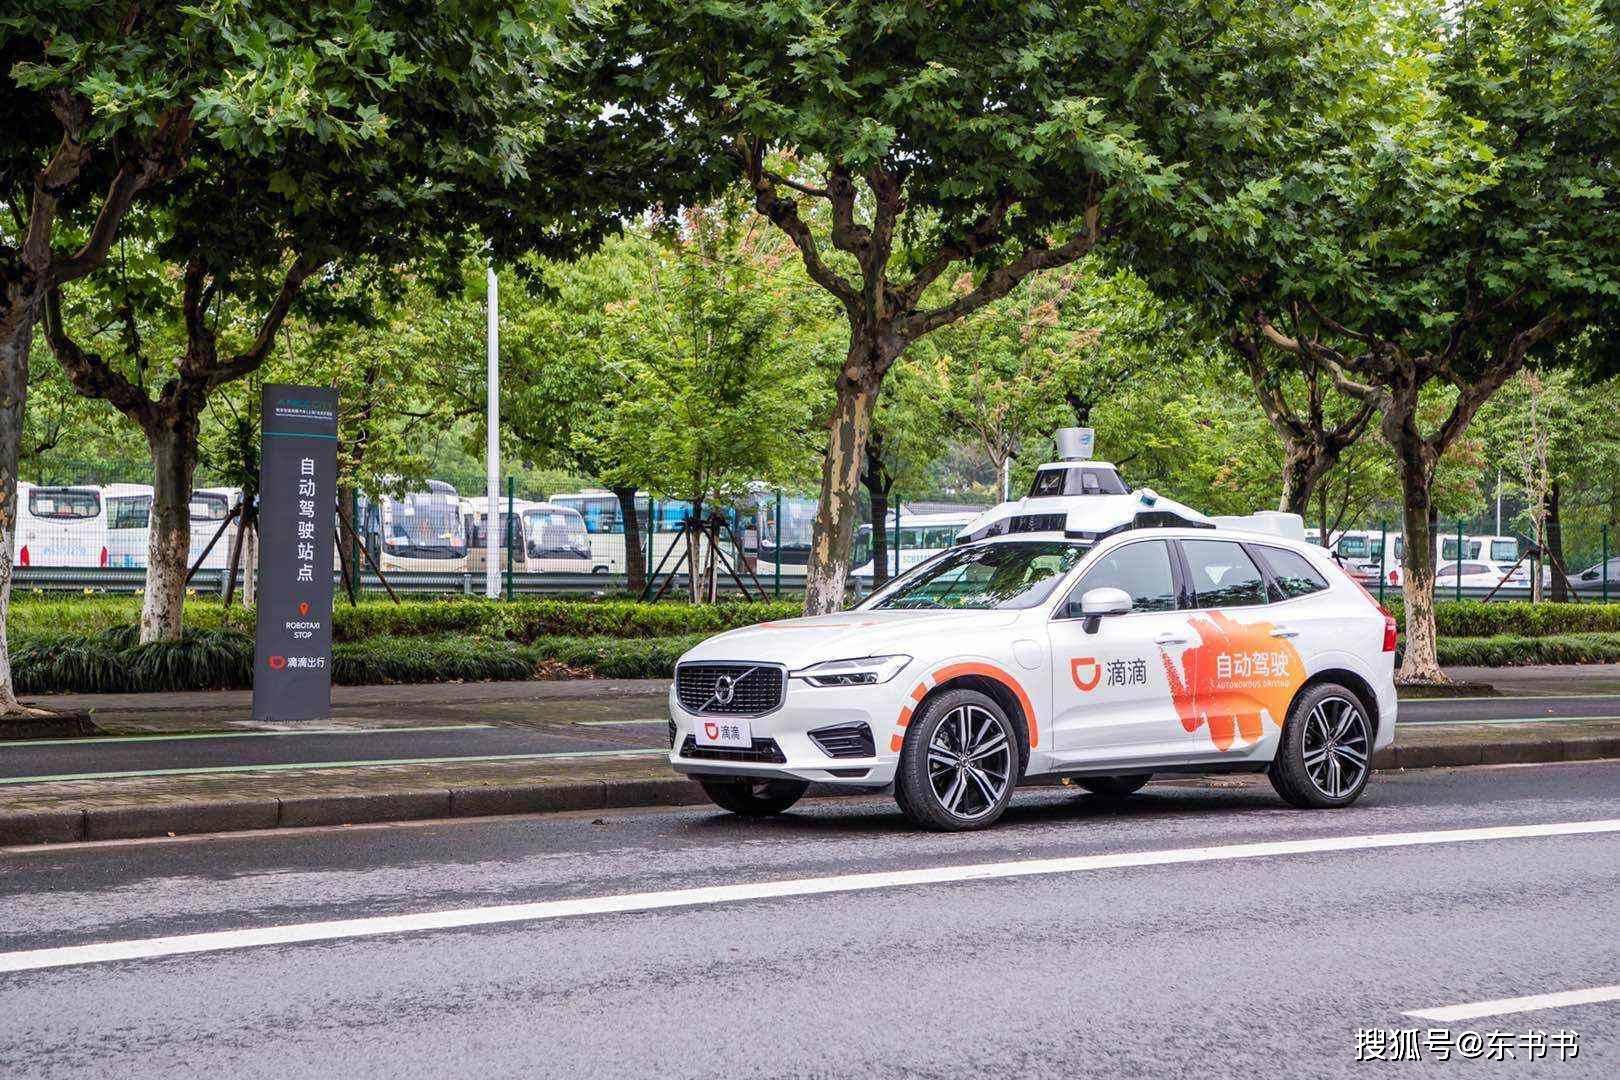 滴滴出行长驱科技版图:开放自动驾驶服务,未来将会创造新的职业